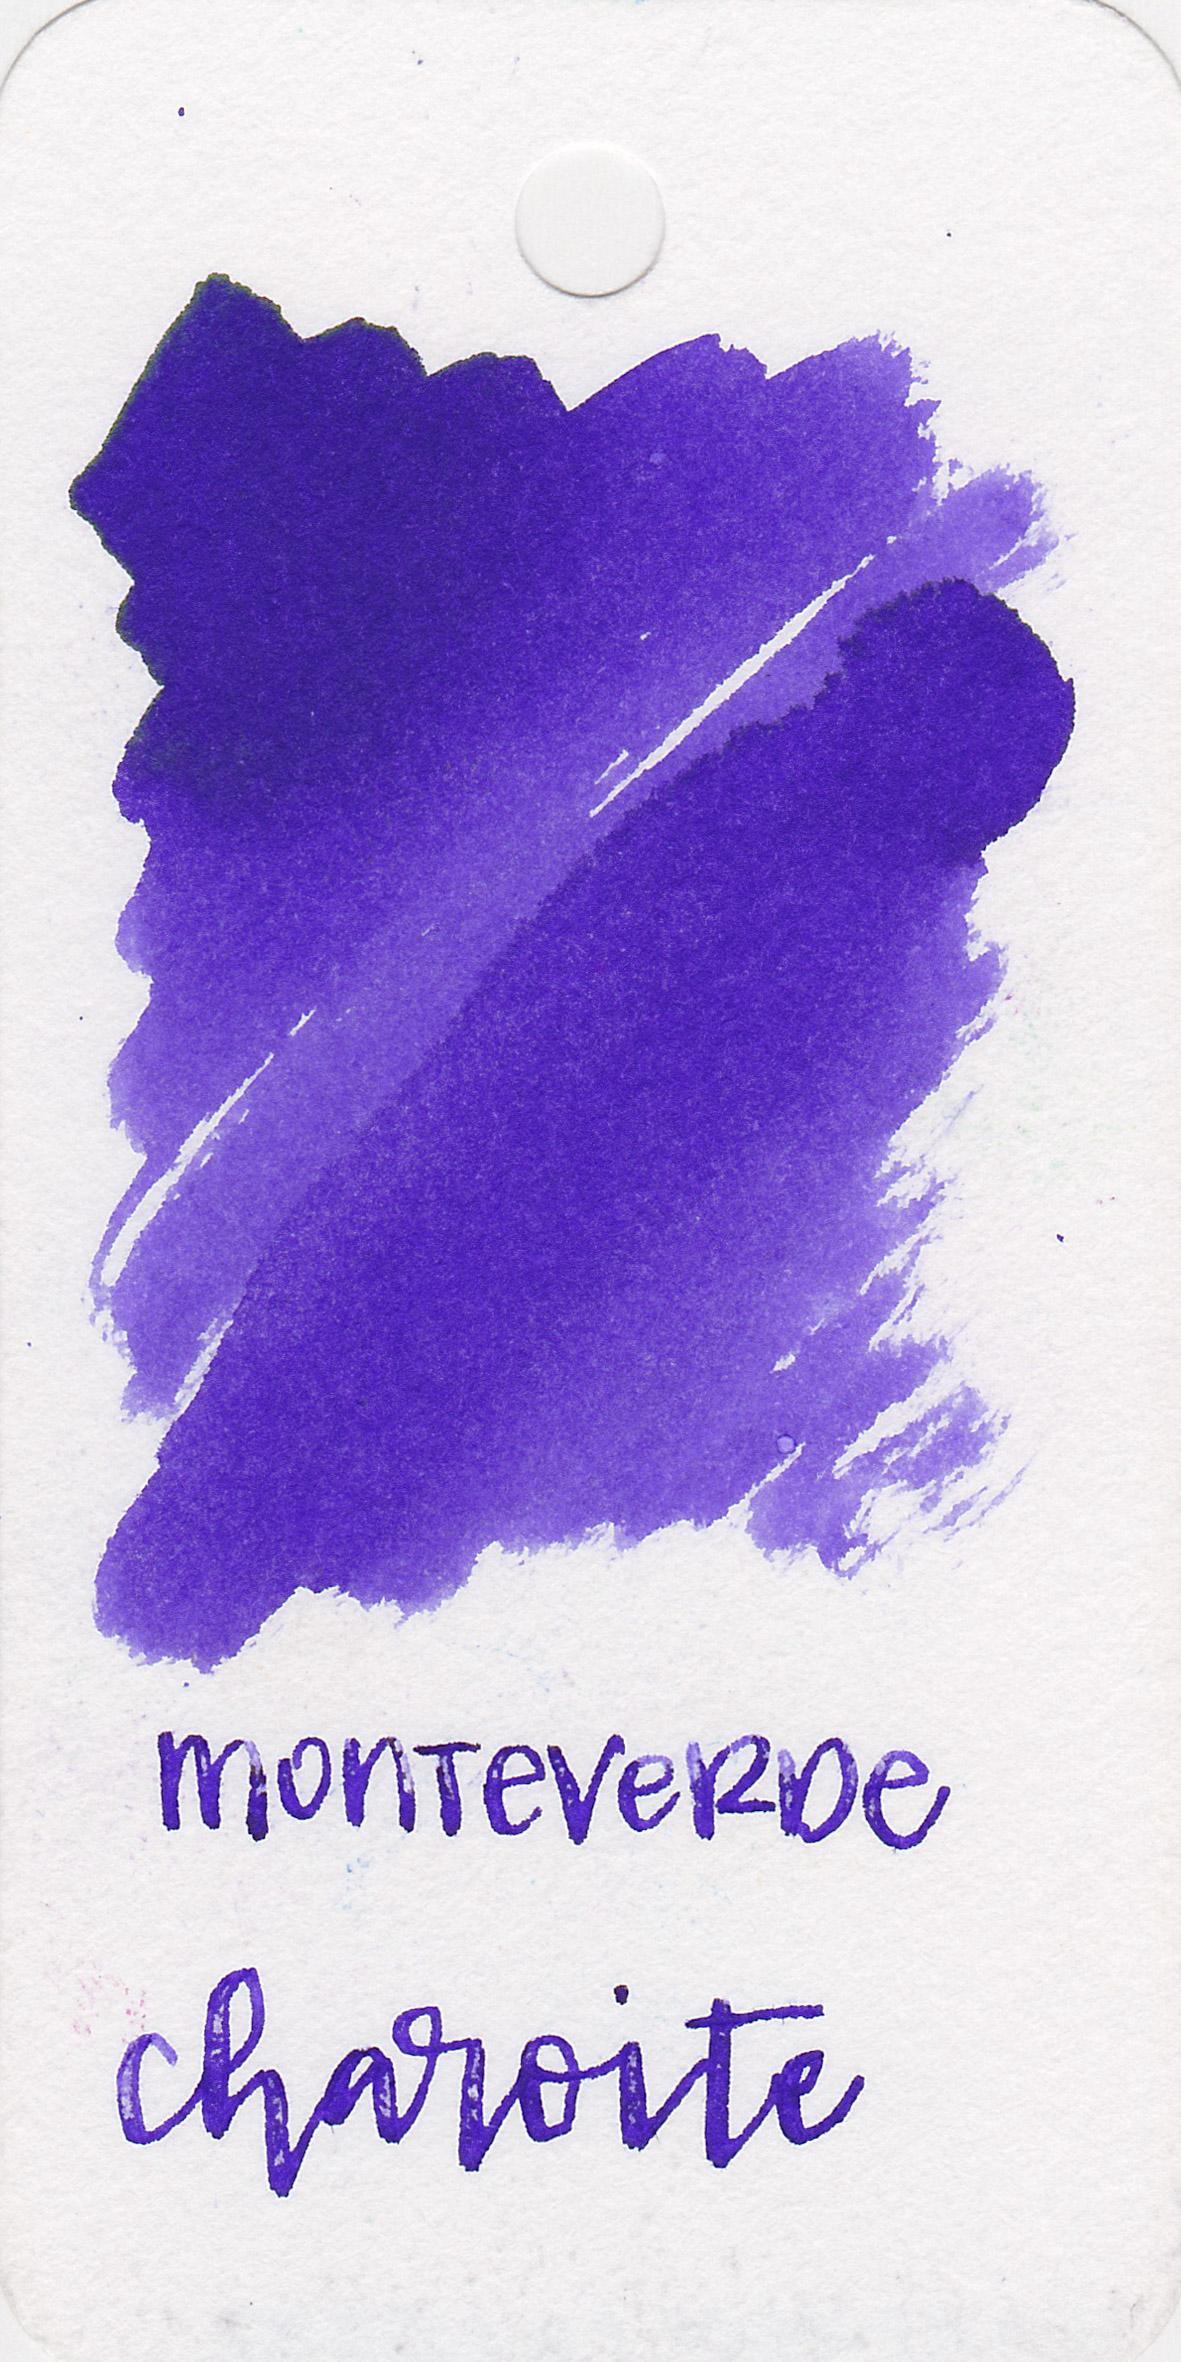 mv-charoite-1.jpg